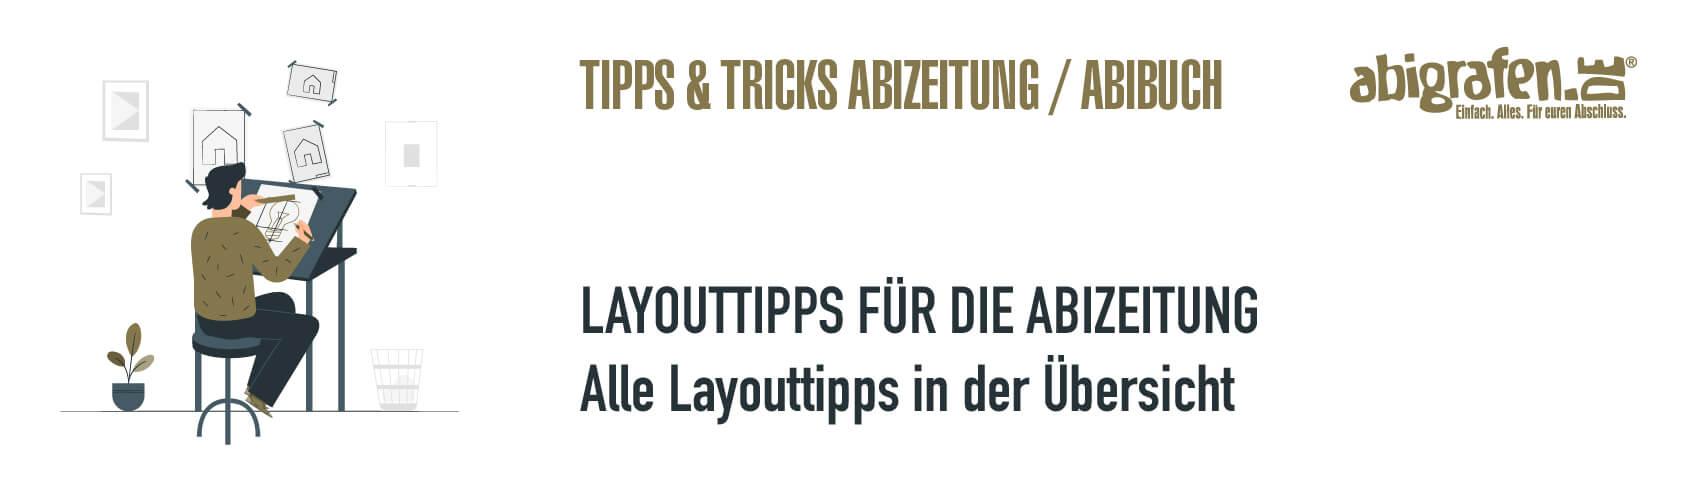 abigrafen-abizeitung-tipps-und-tricks-layout